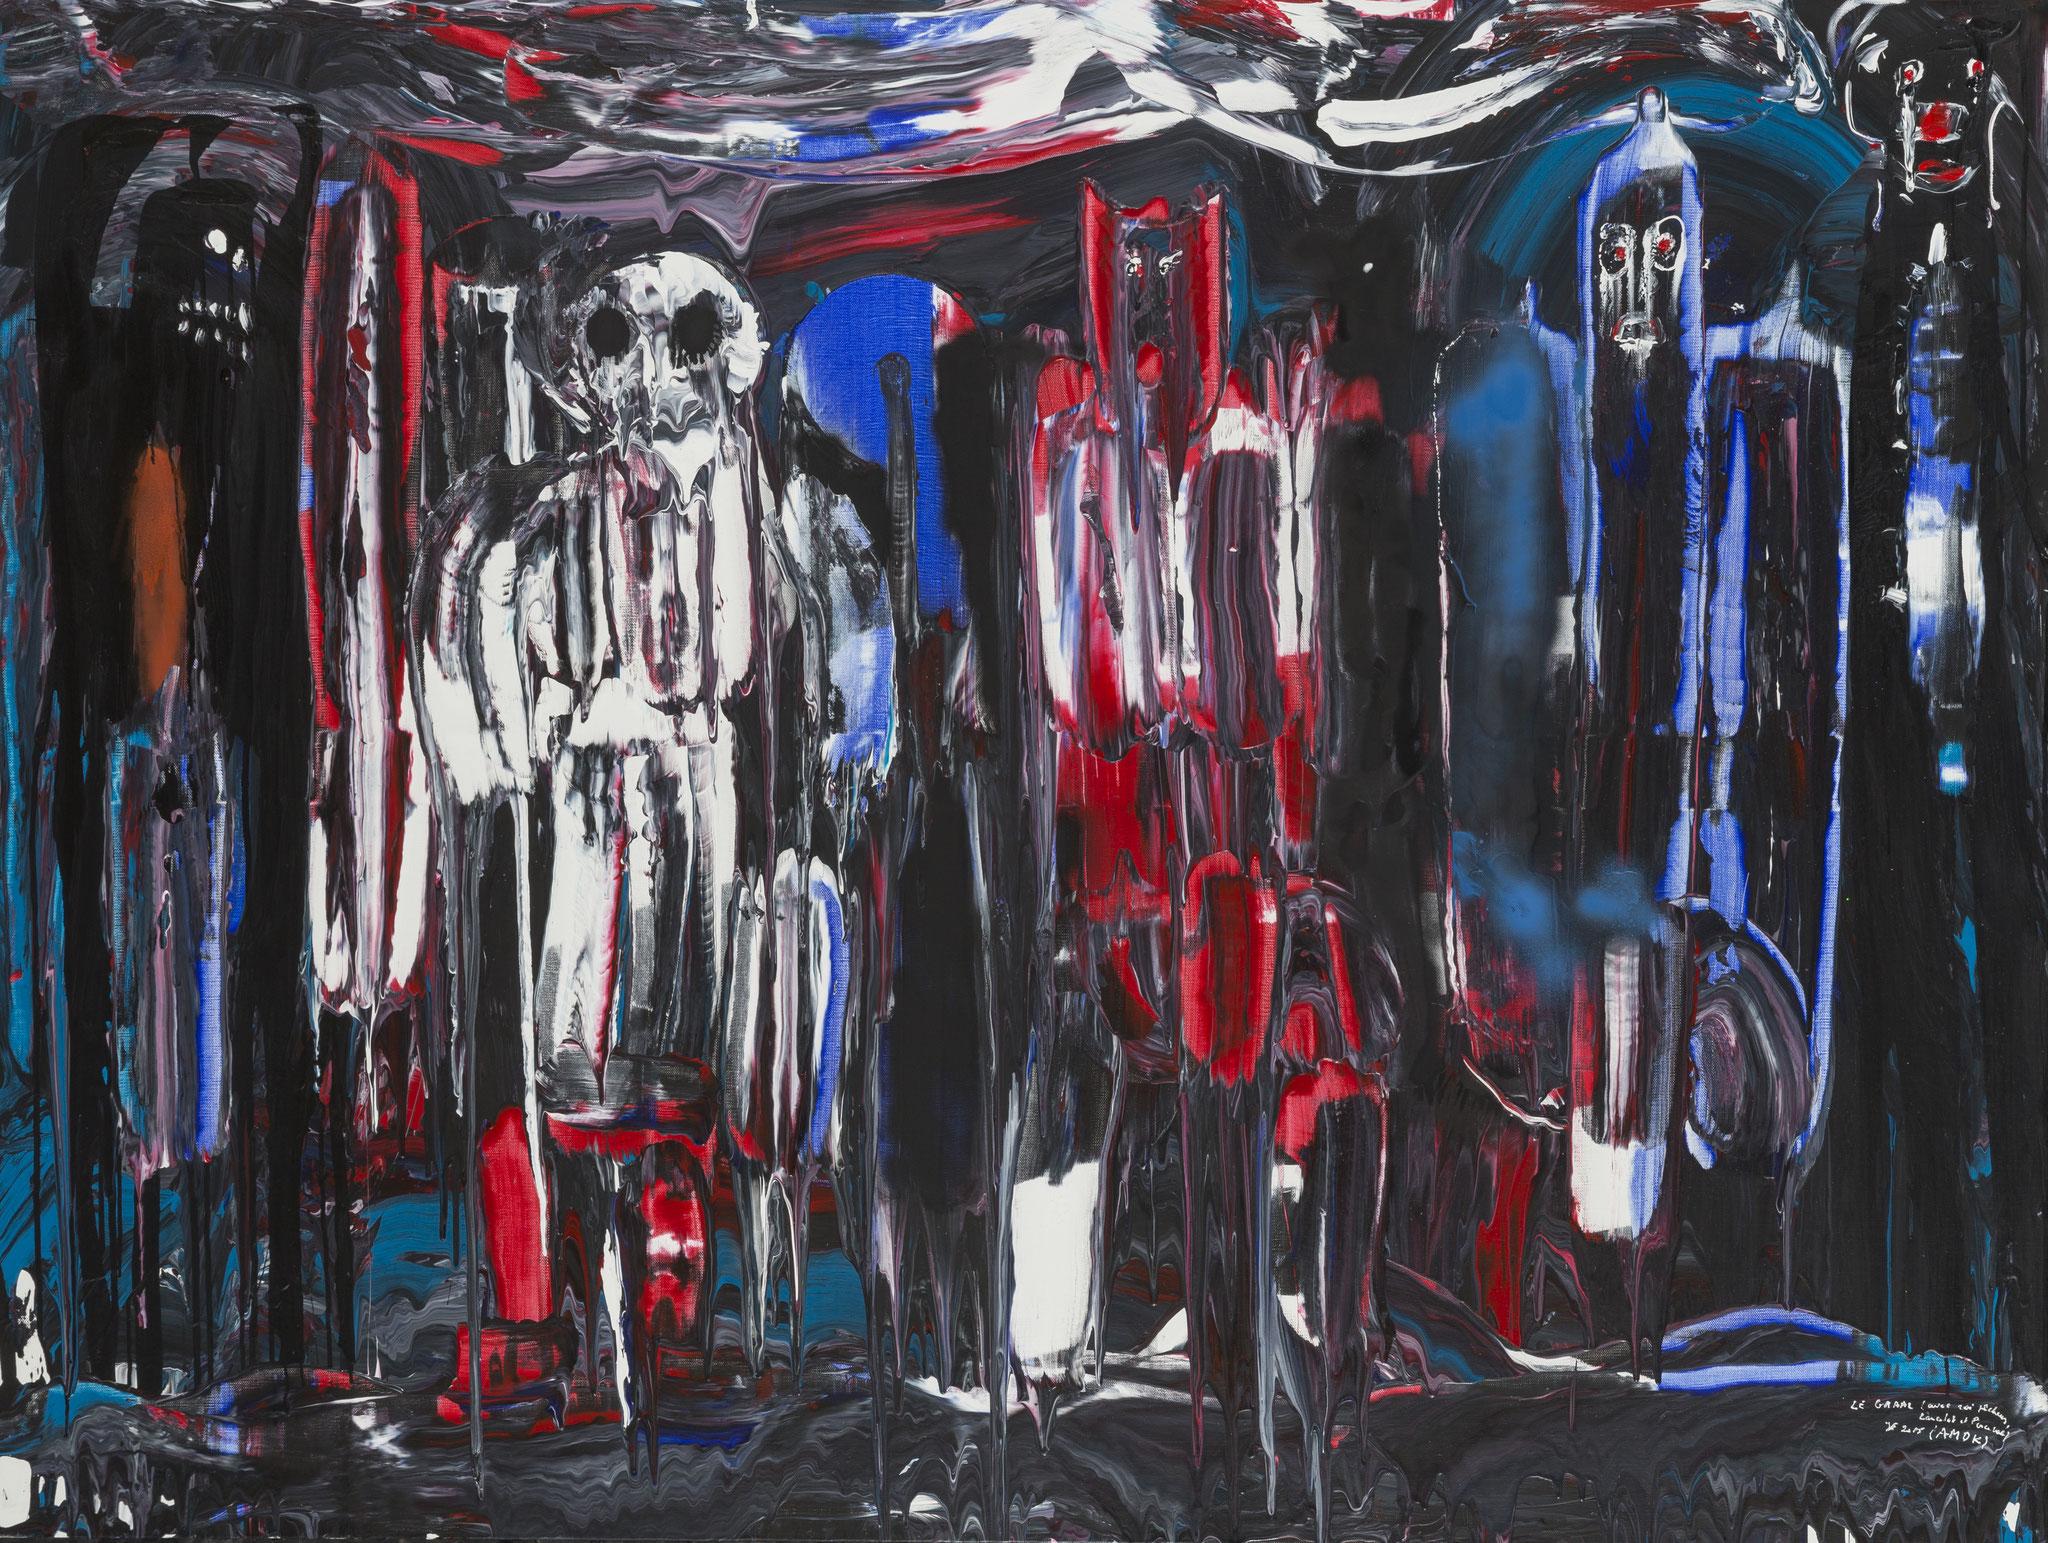 Le Graal (2015) - Acrylique sur toile, 150 x 200 cm